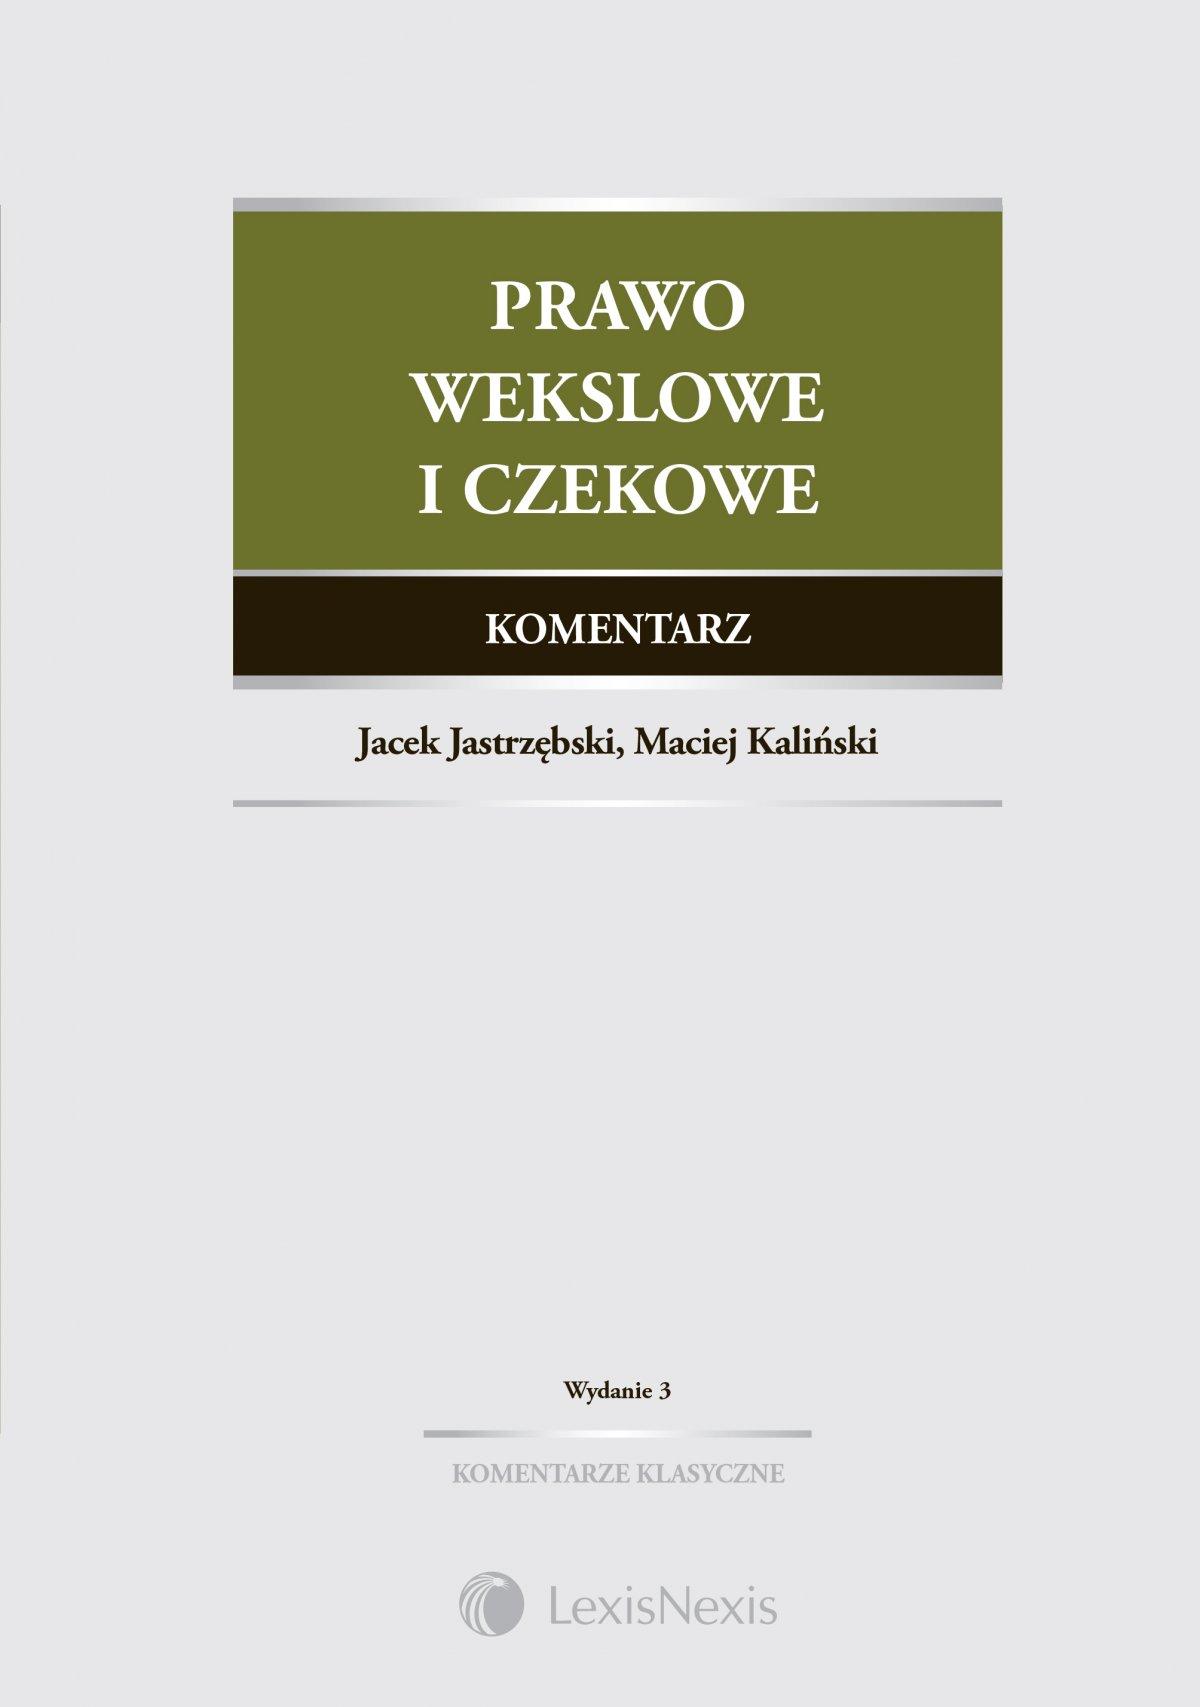 Prawo wekslowe i czekowe. Komentarz. Wydanie 3 - Ebook (Książka EPUB) do pobrania w formacie EPUB